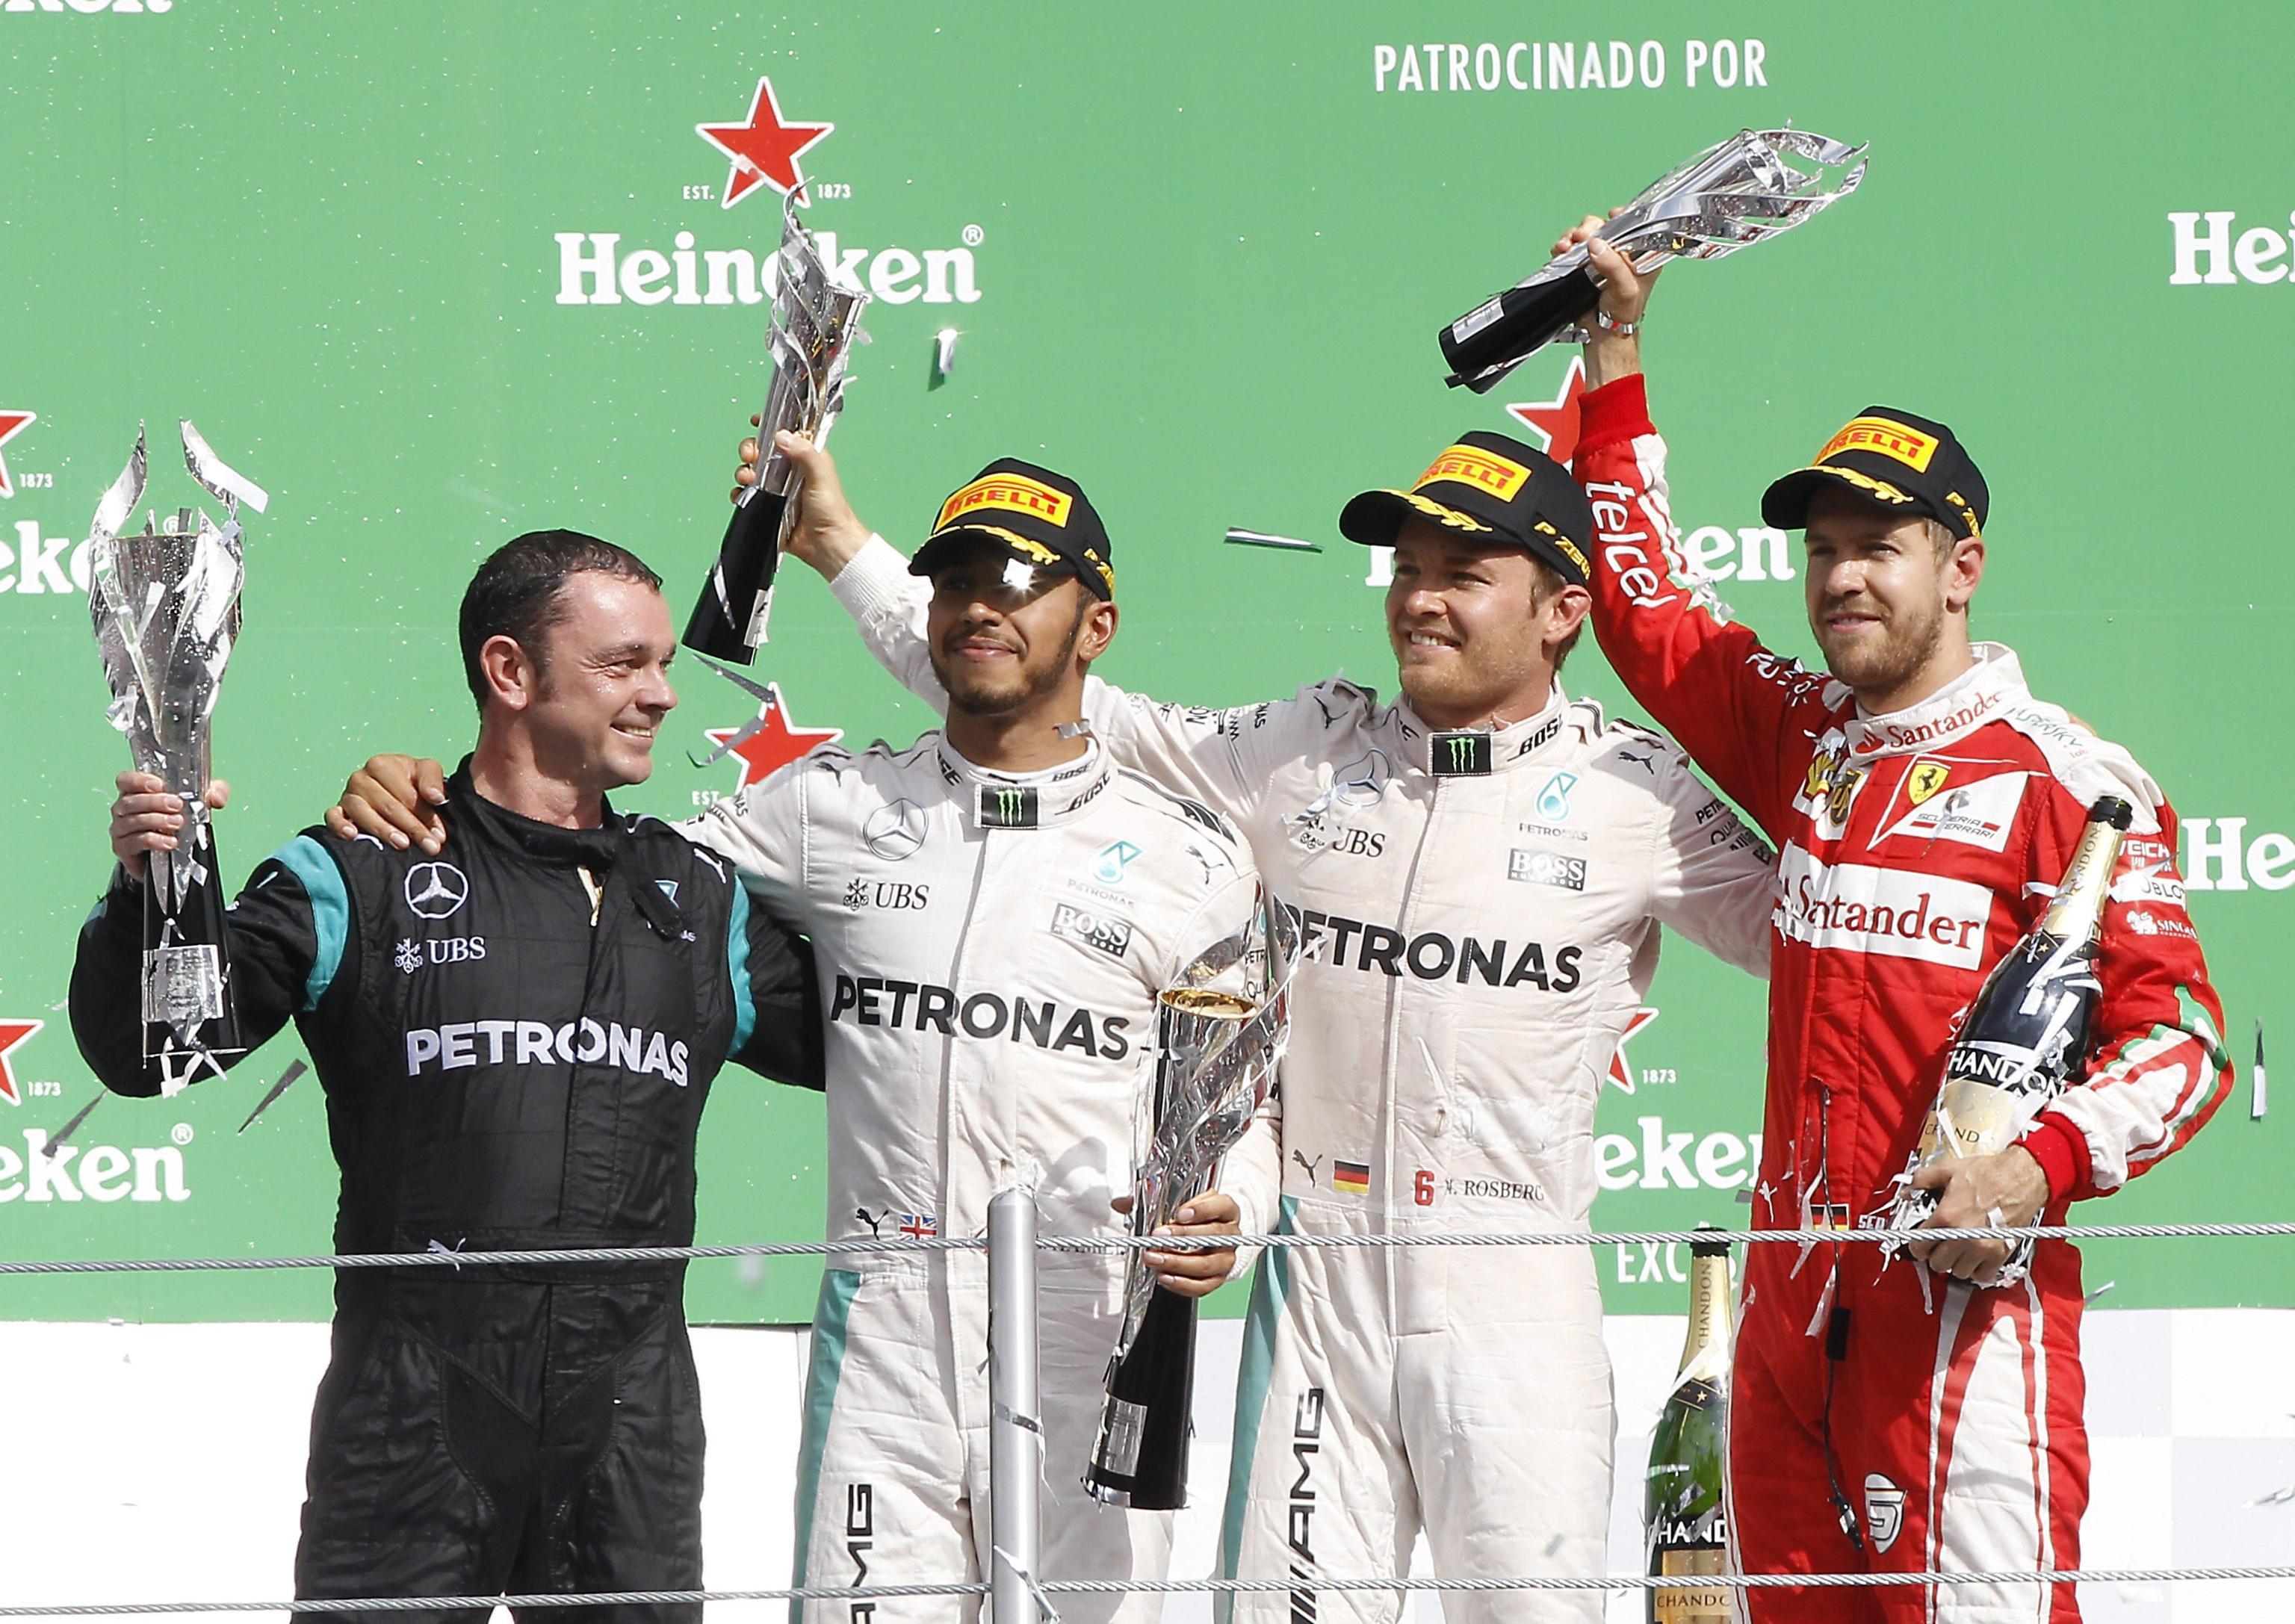 Il podio del Gran Premio del Messico 2016 (foto da: blitzquotidiano.it)